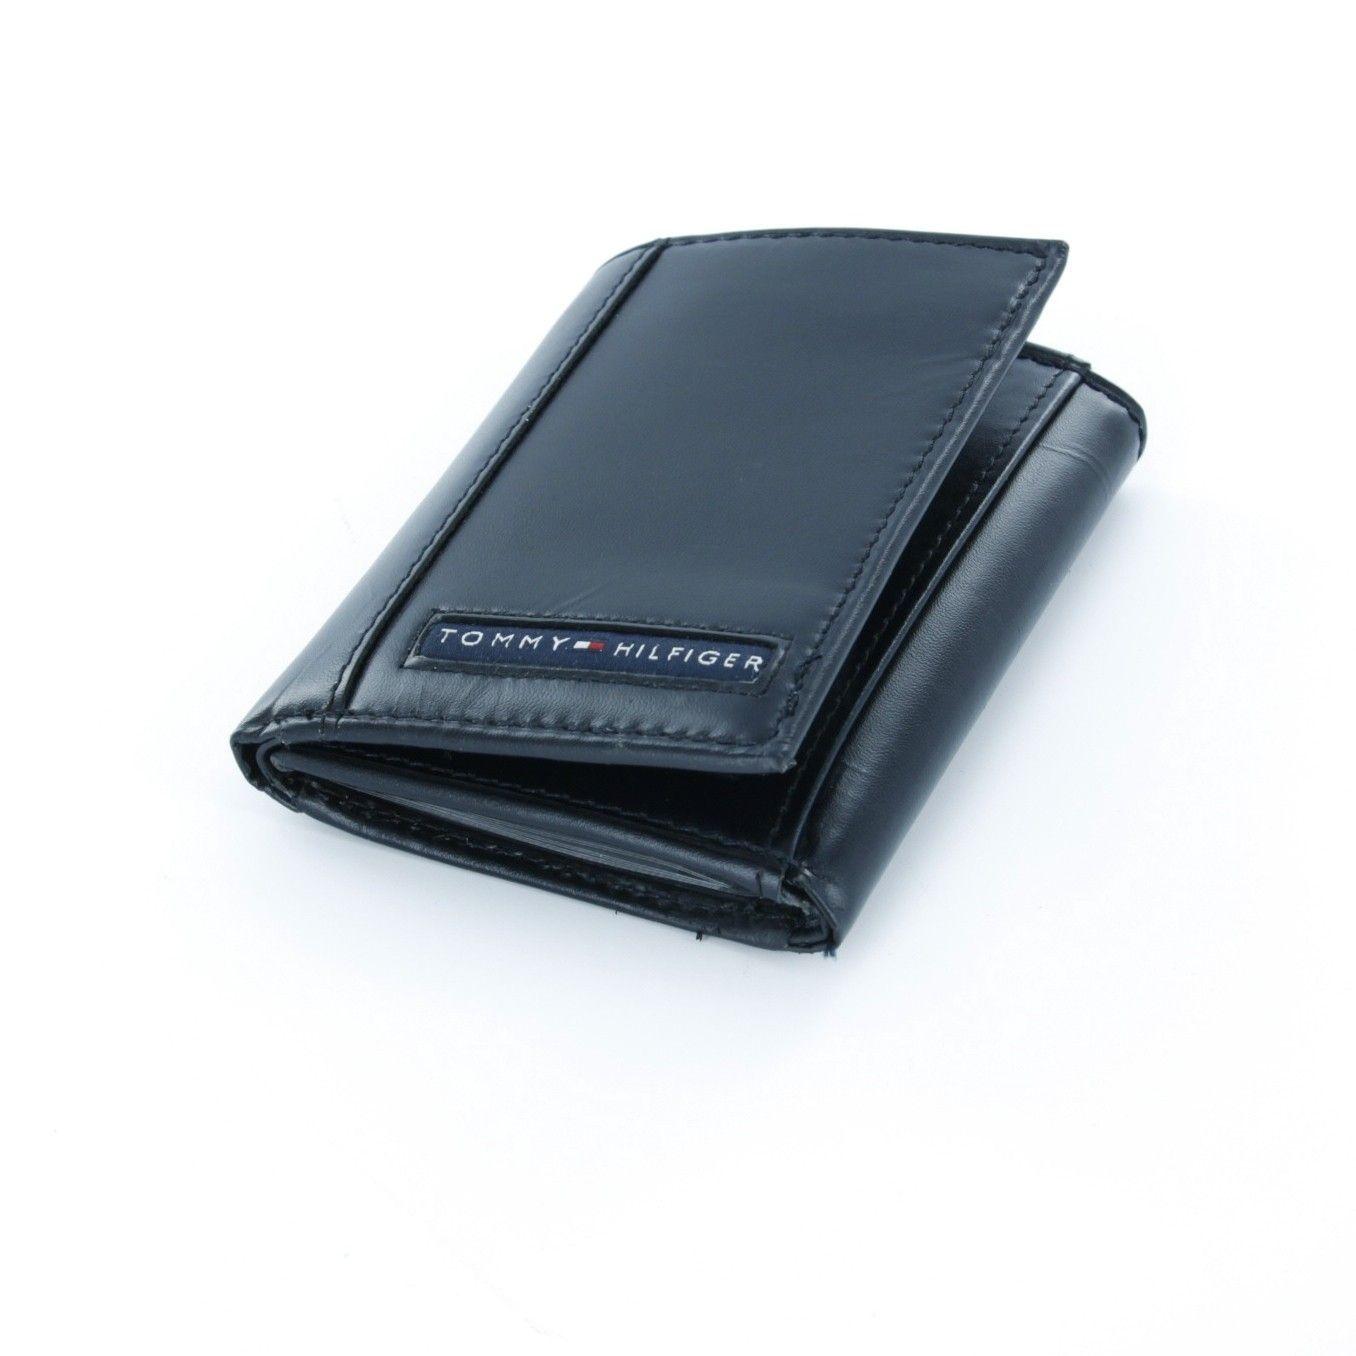 محافظ رجالية تومي هيلفيغر اصلية Leather Trifold Wallet Tommy Hilfiger Wallet Wallet